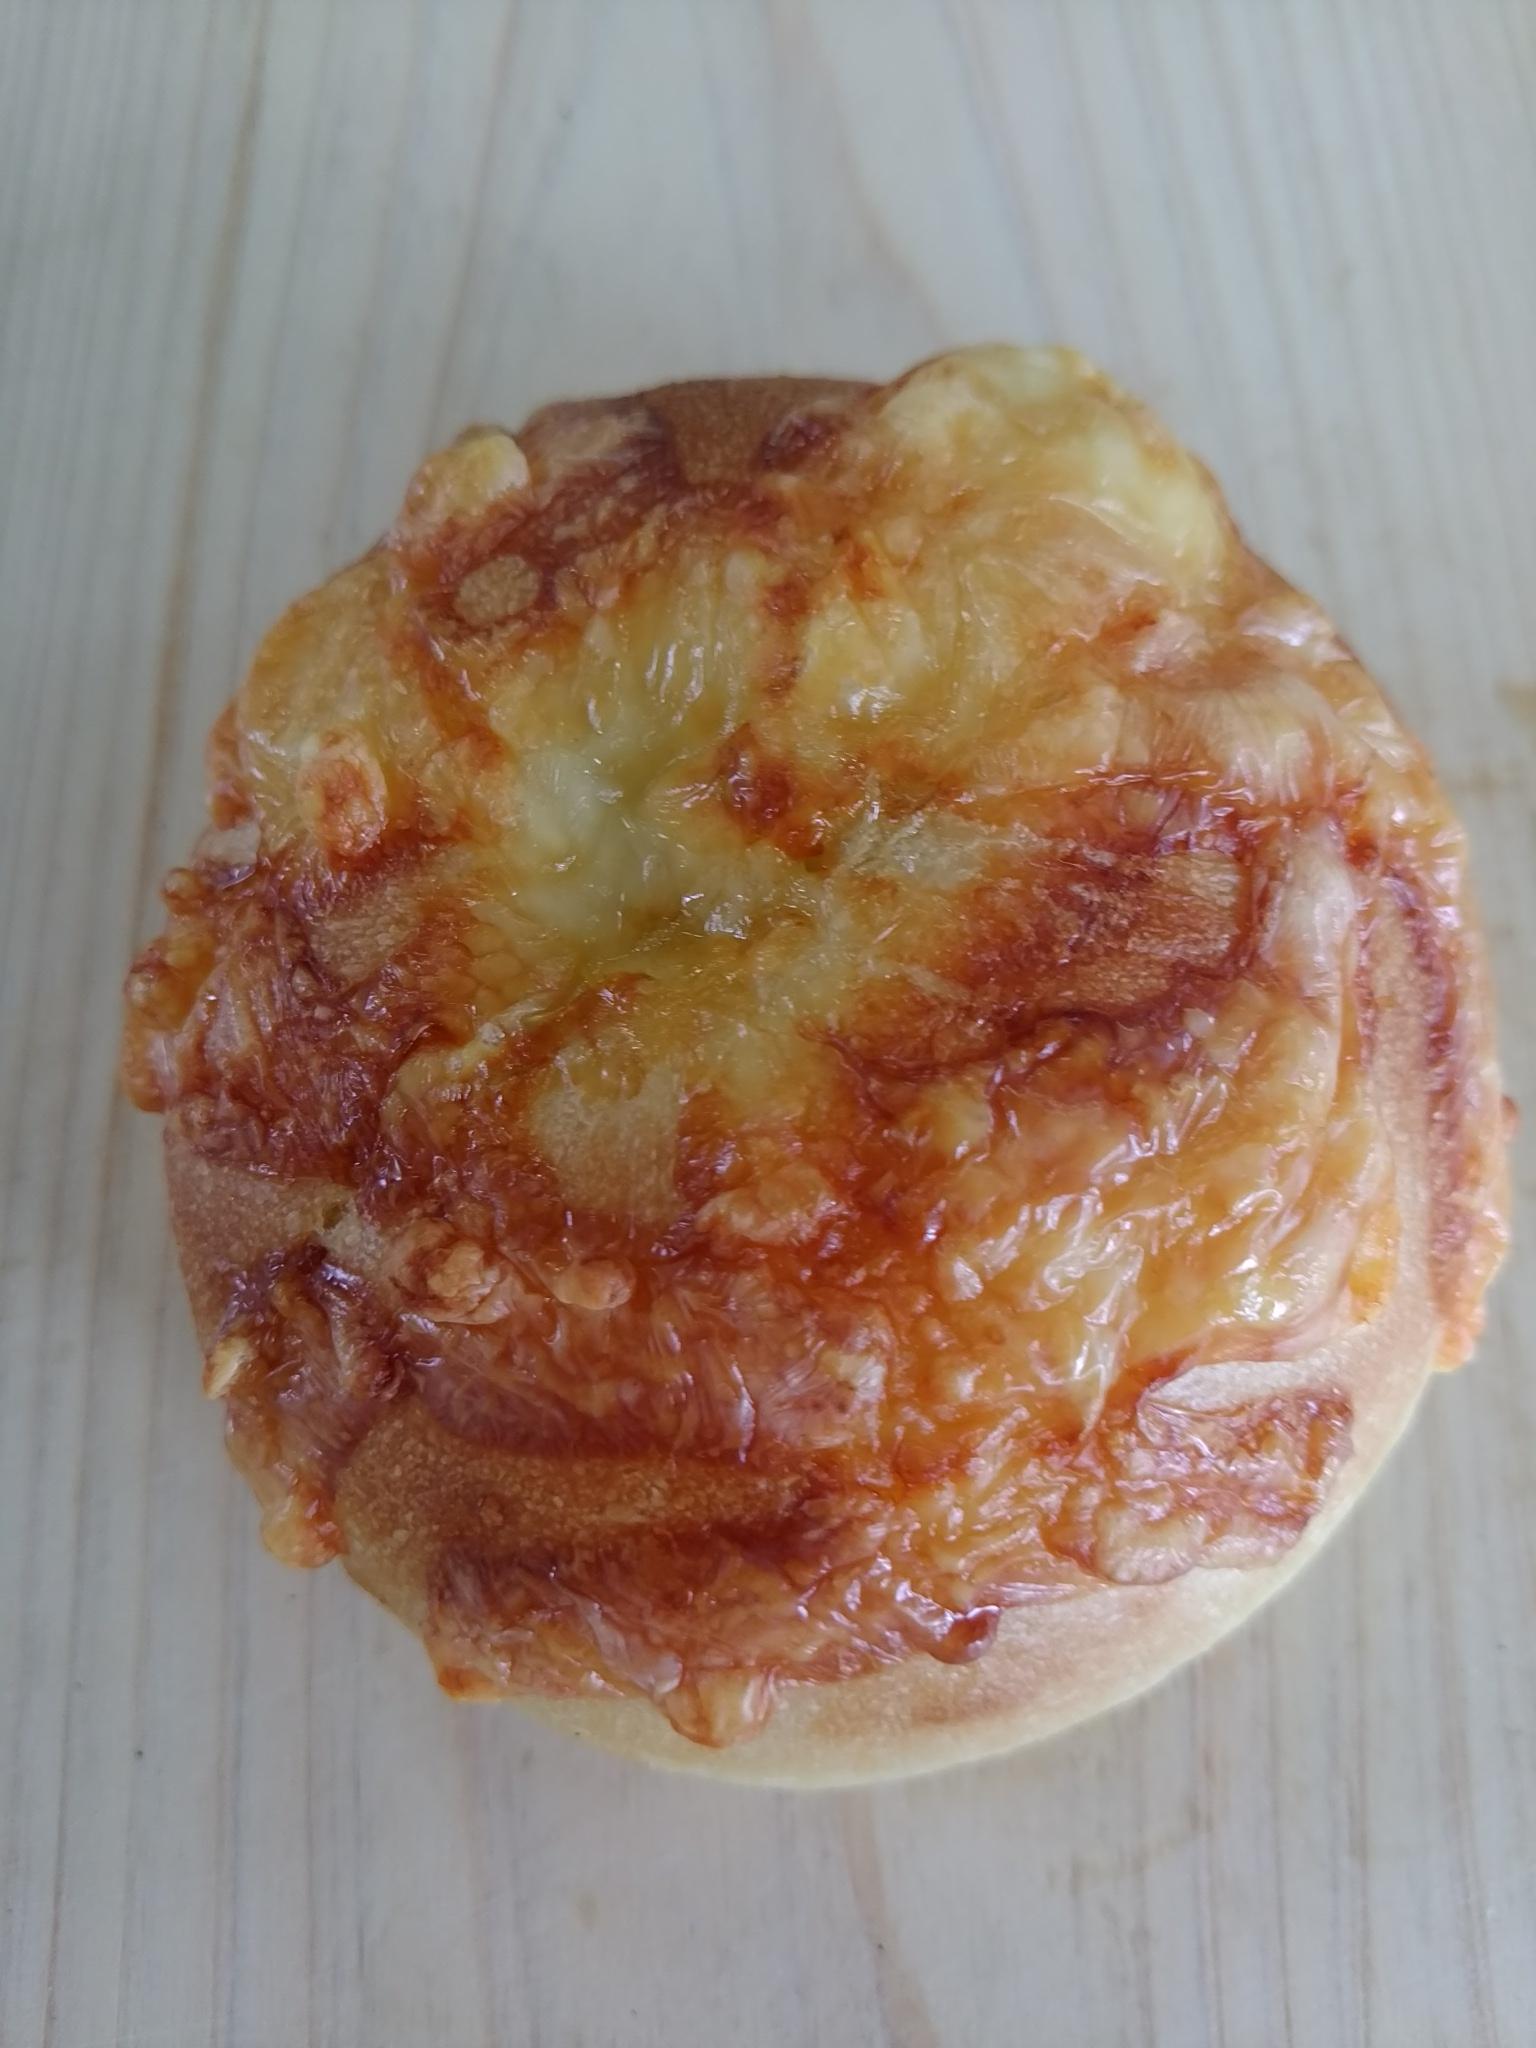 中津川 苗木 パン屋 パパン         ベーコンチーズベーグル 200円         無添加 中山道ハムのベーコン使用